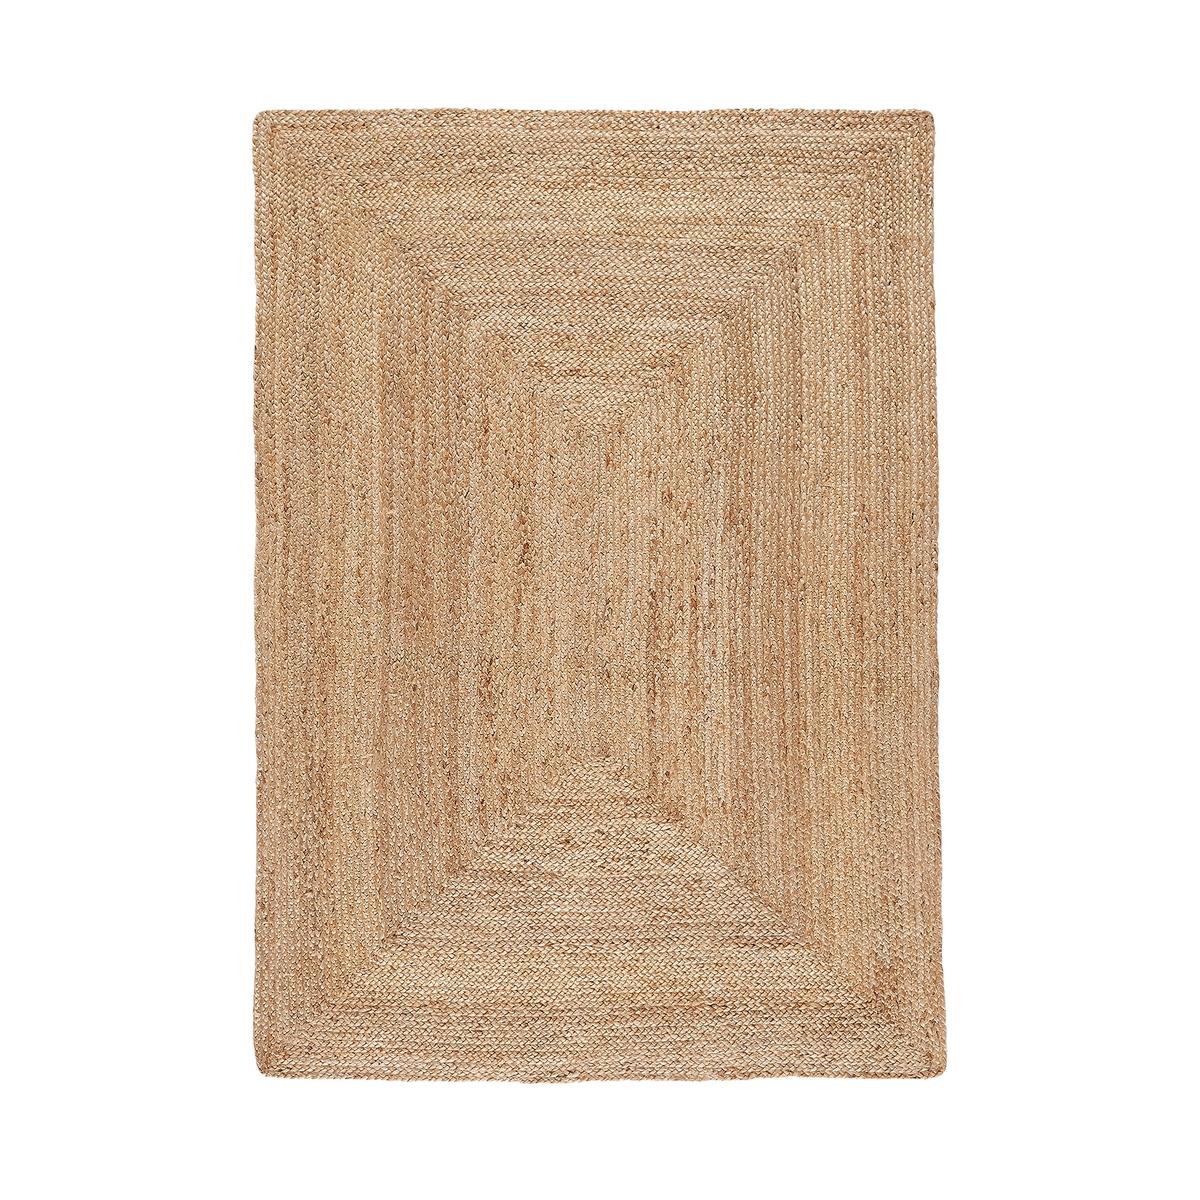 Ковер La Redoute Прямоугольный из джута Aftas 160 x 230 см бежевый наволочка la redoute flooch 50 x 30 см бежевый